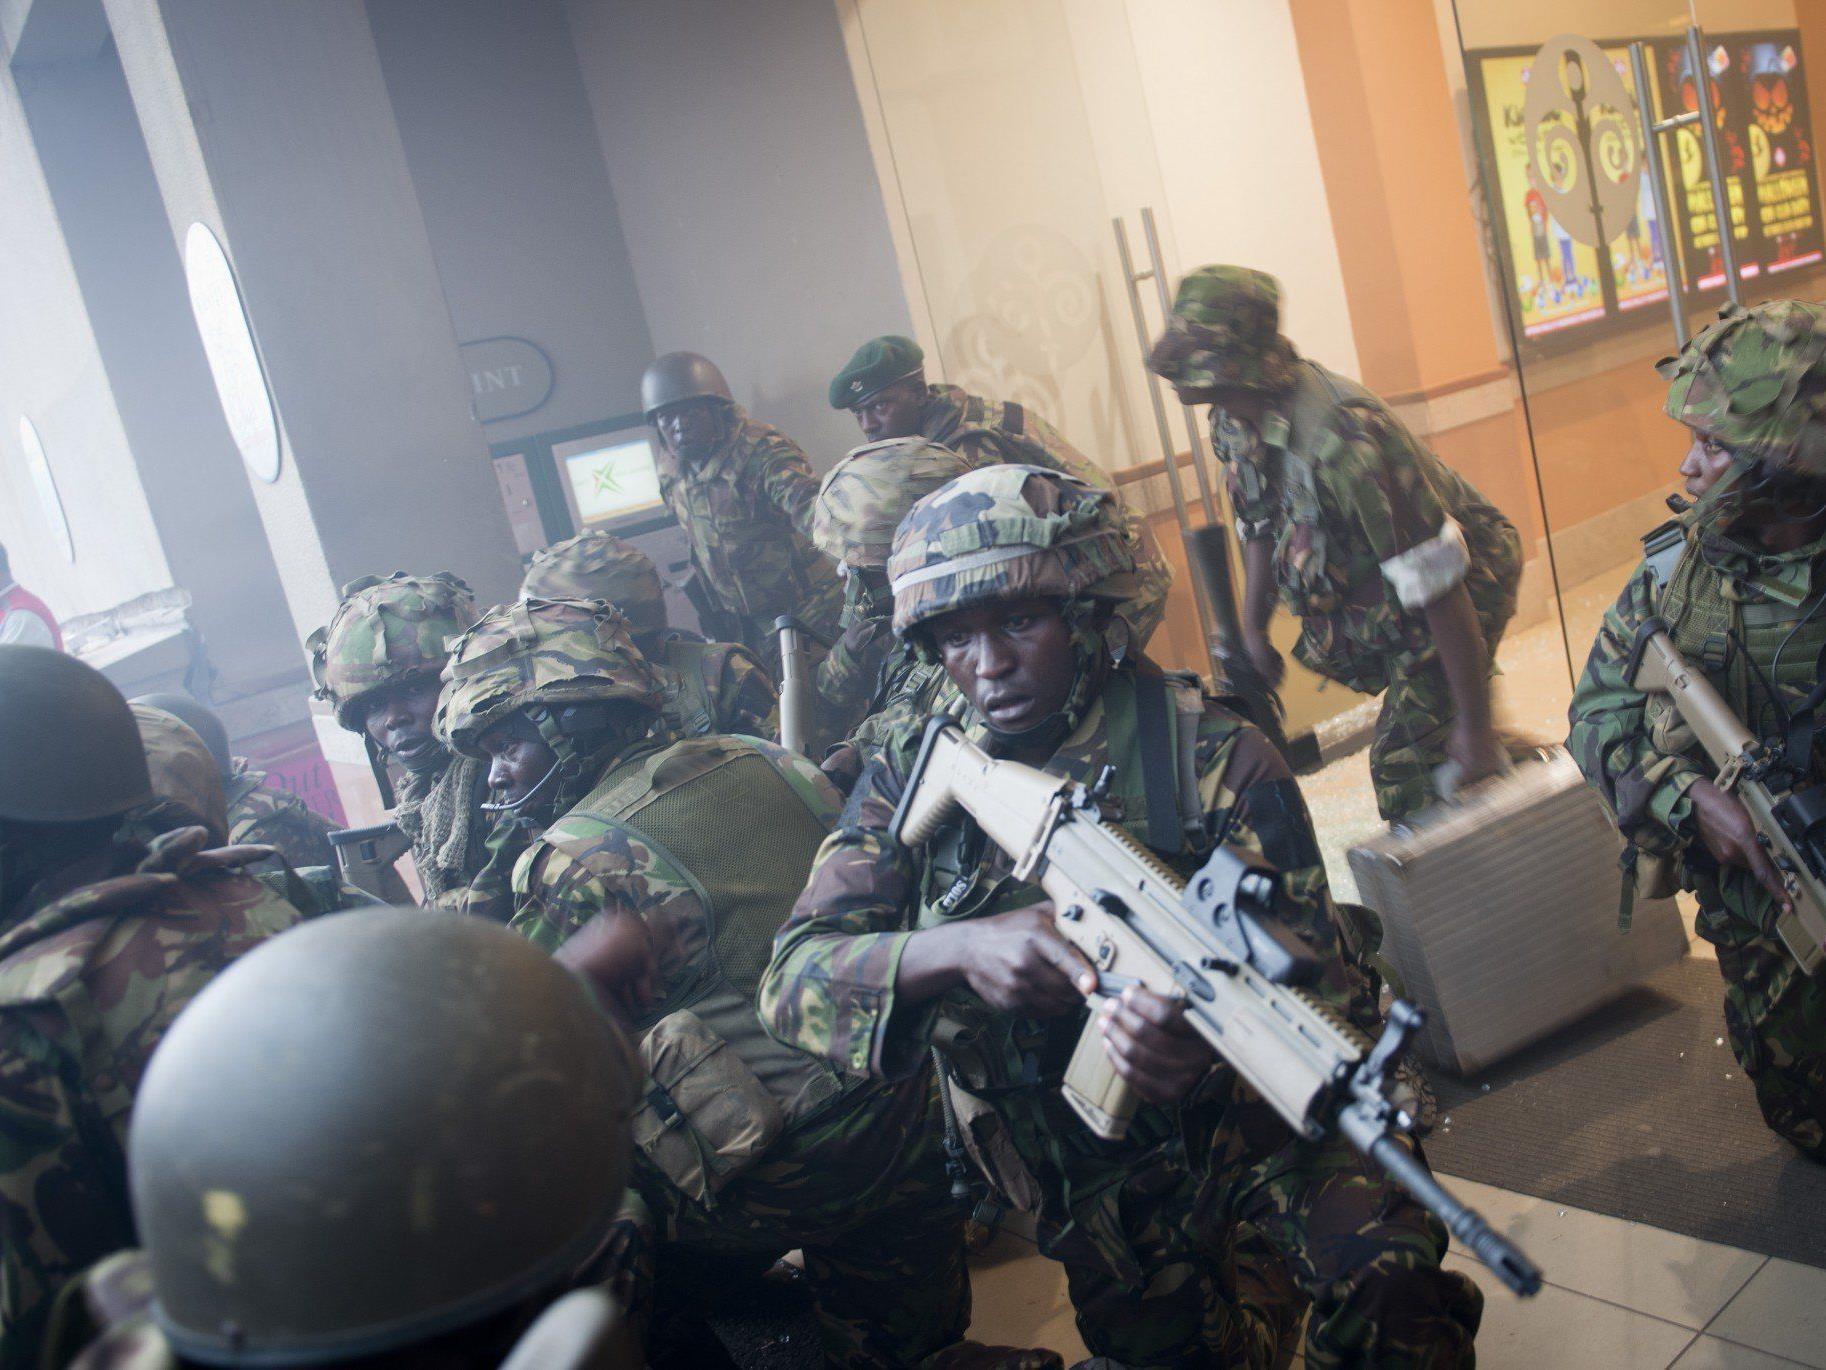 Mindestens 30 Menschen in Einkaufszentrum von Nairobi getötet